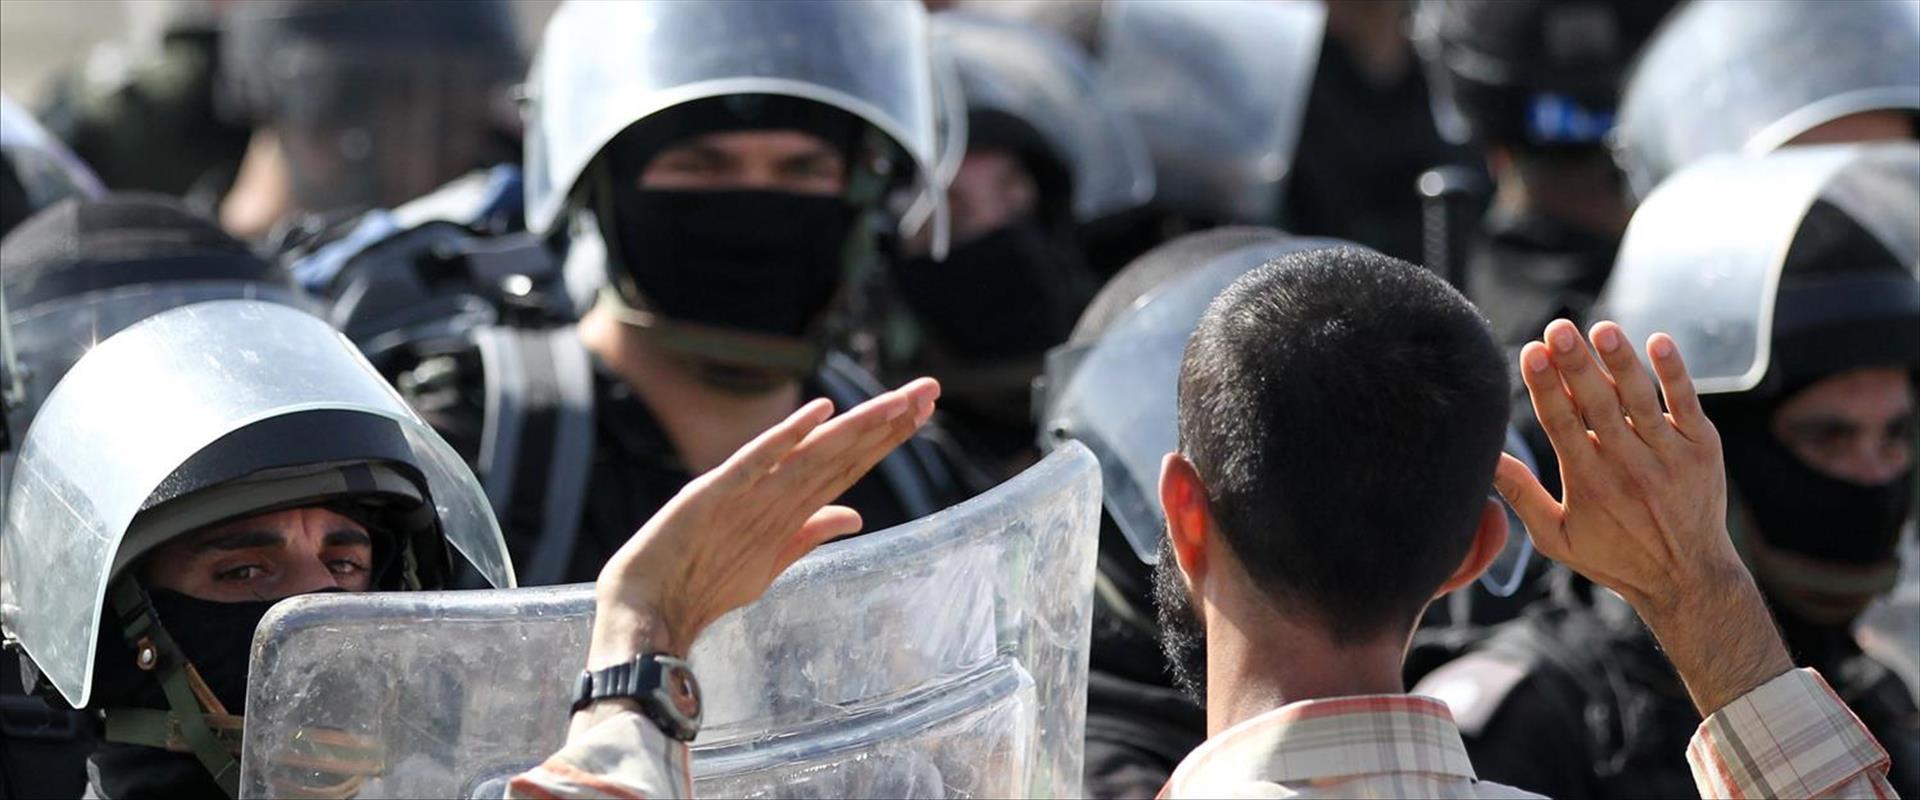 כוח משטרה באום אל פחם